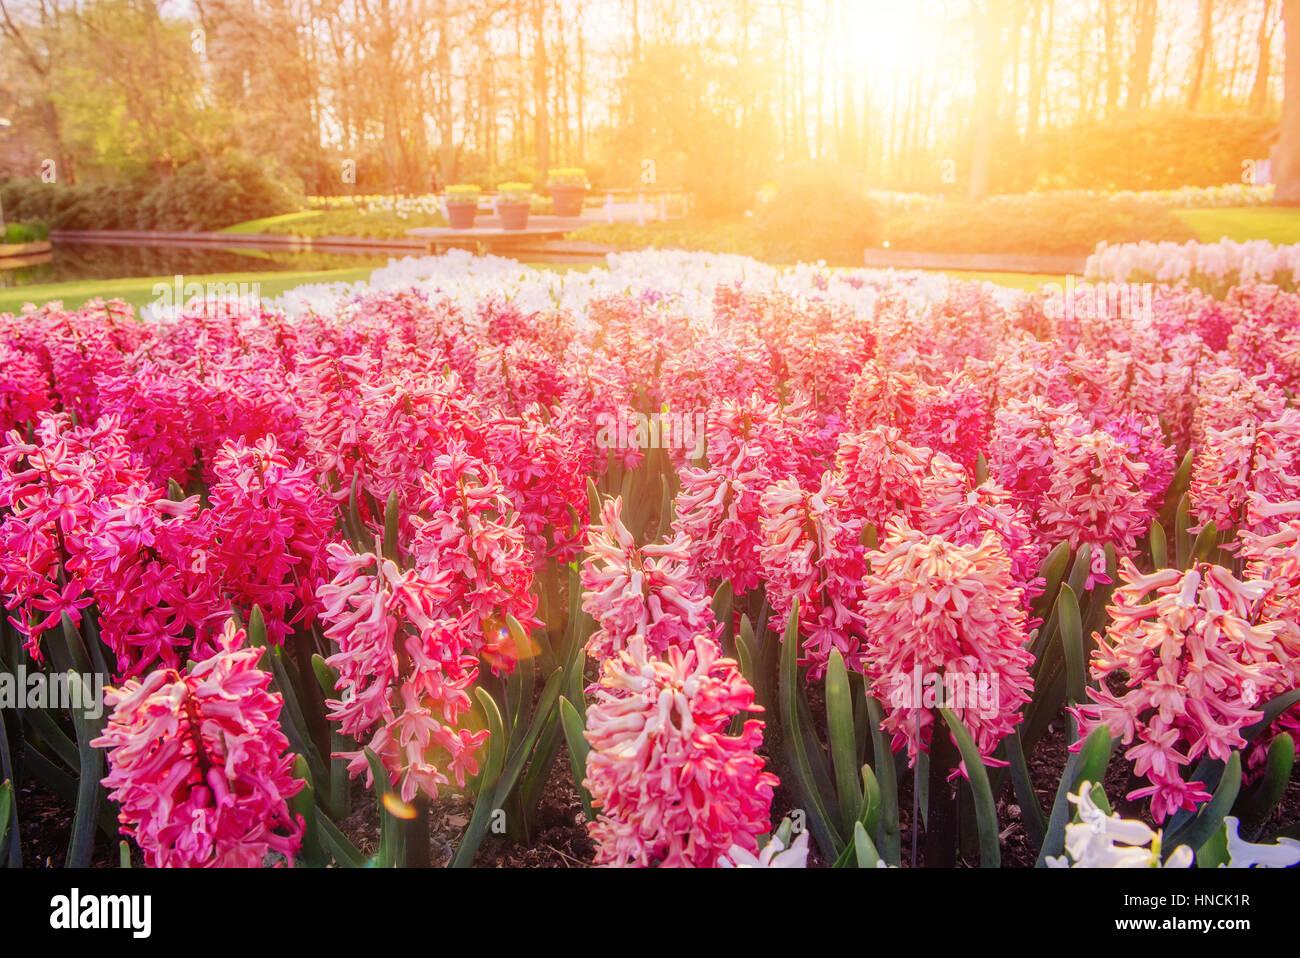 Arriates de flores en el parque. Imagen De Stock